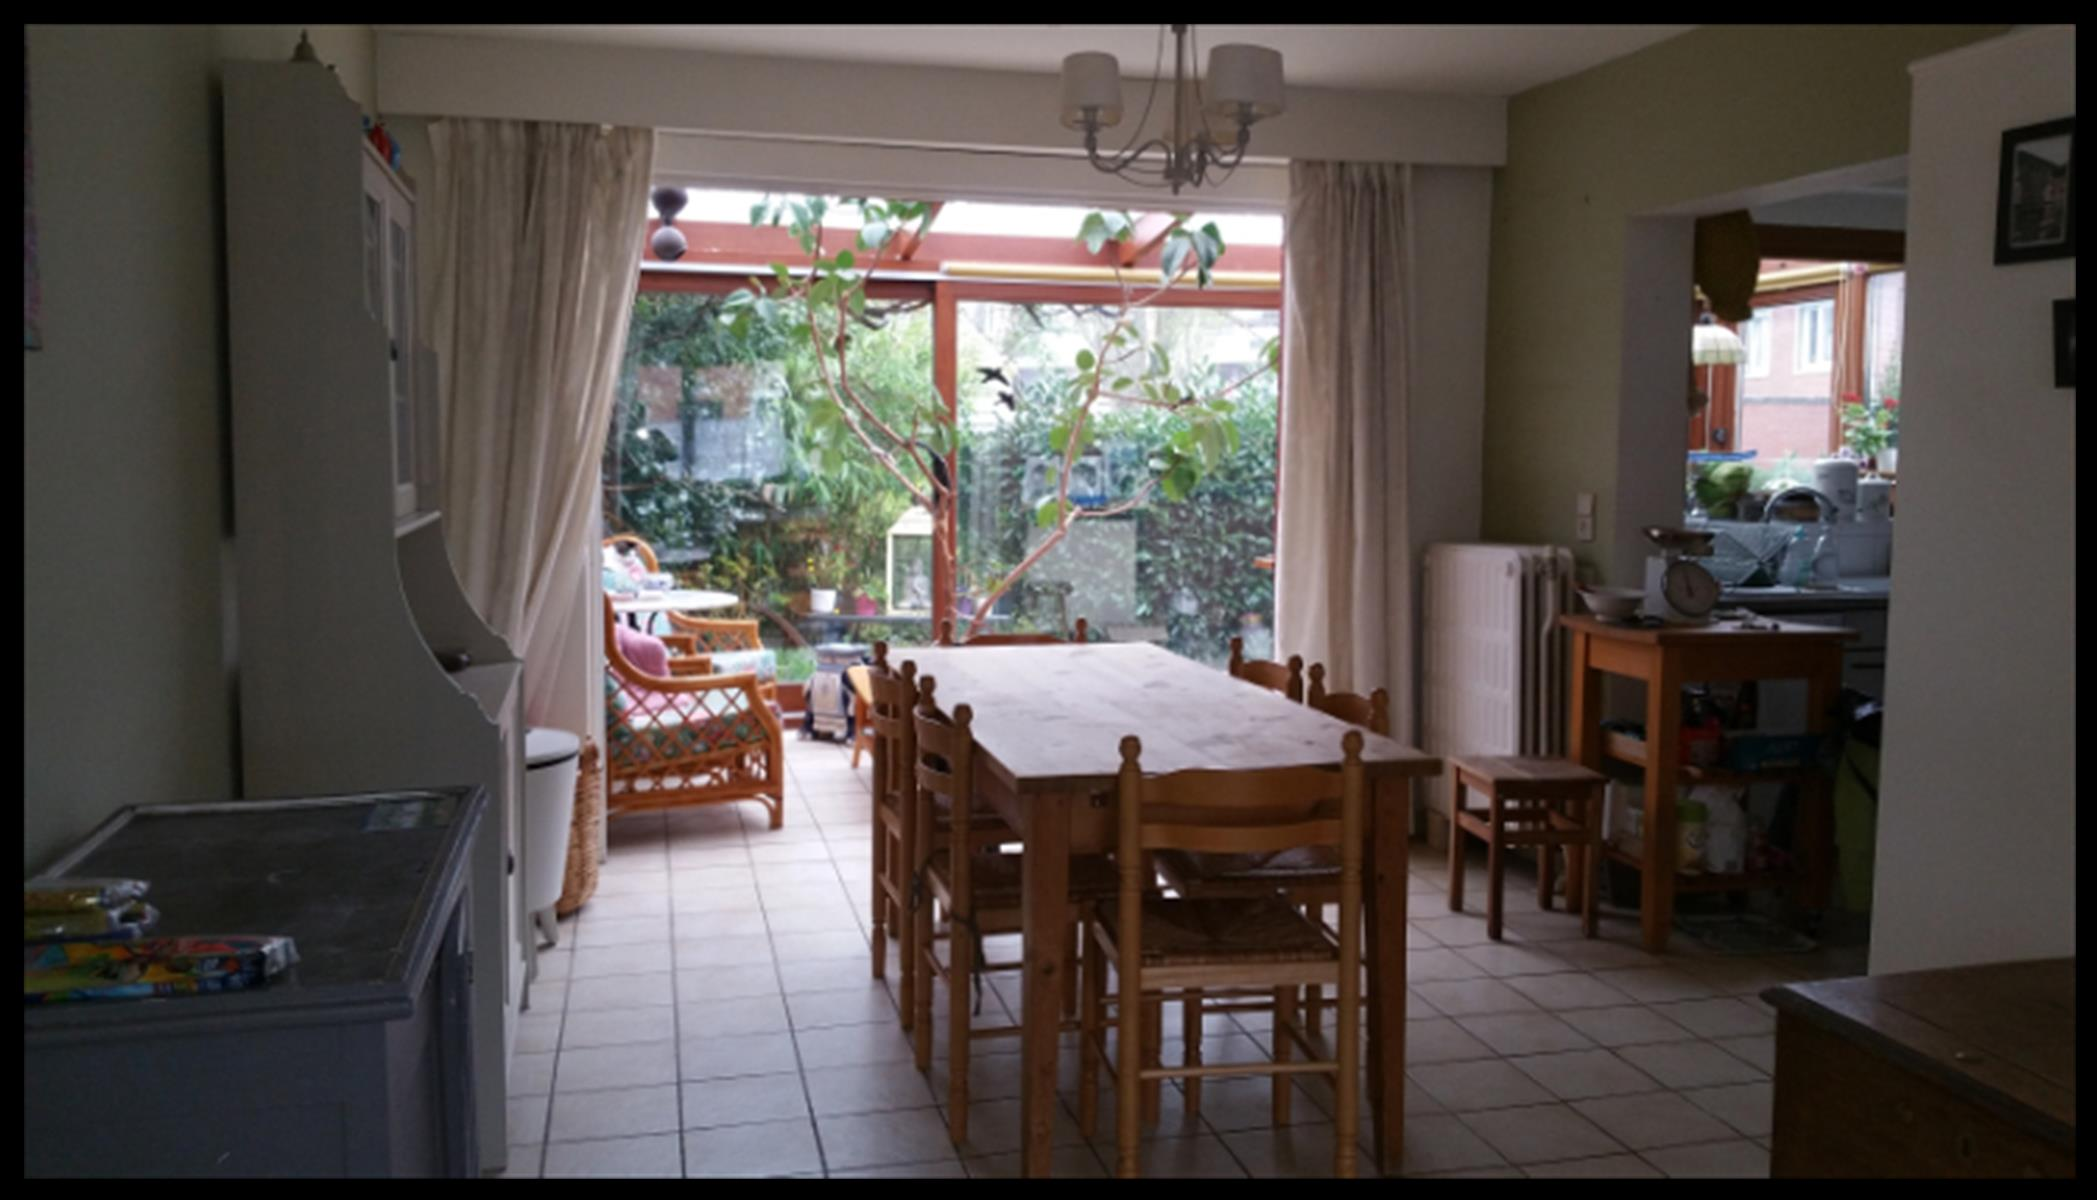 Maison - Woluwe-Saint-Pierre - #3793684-6